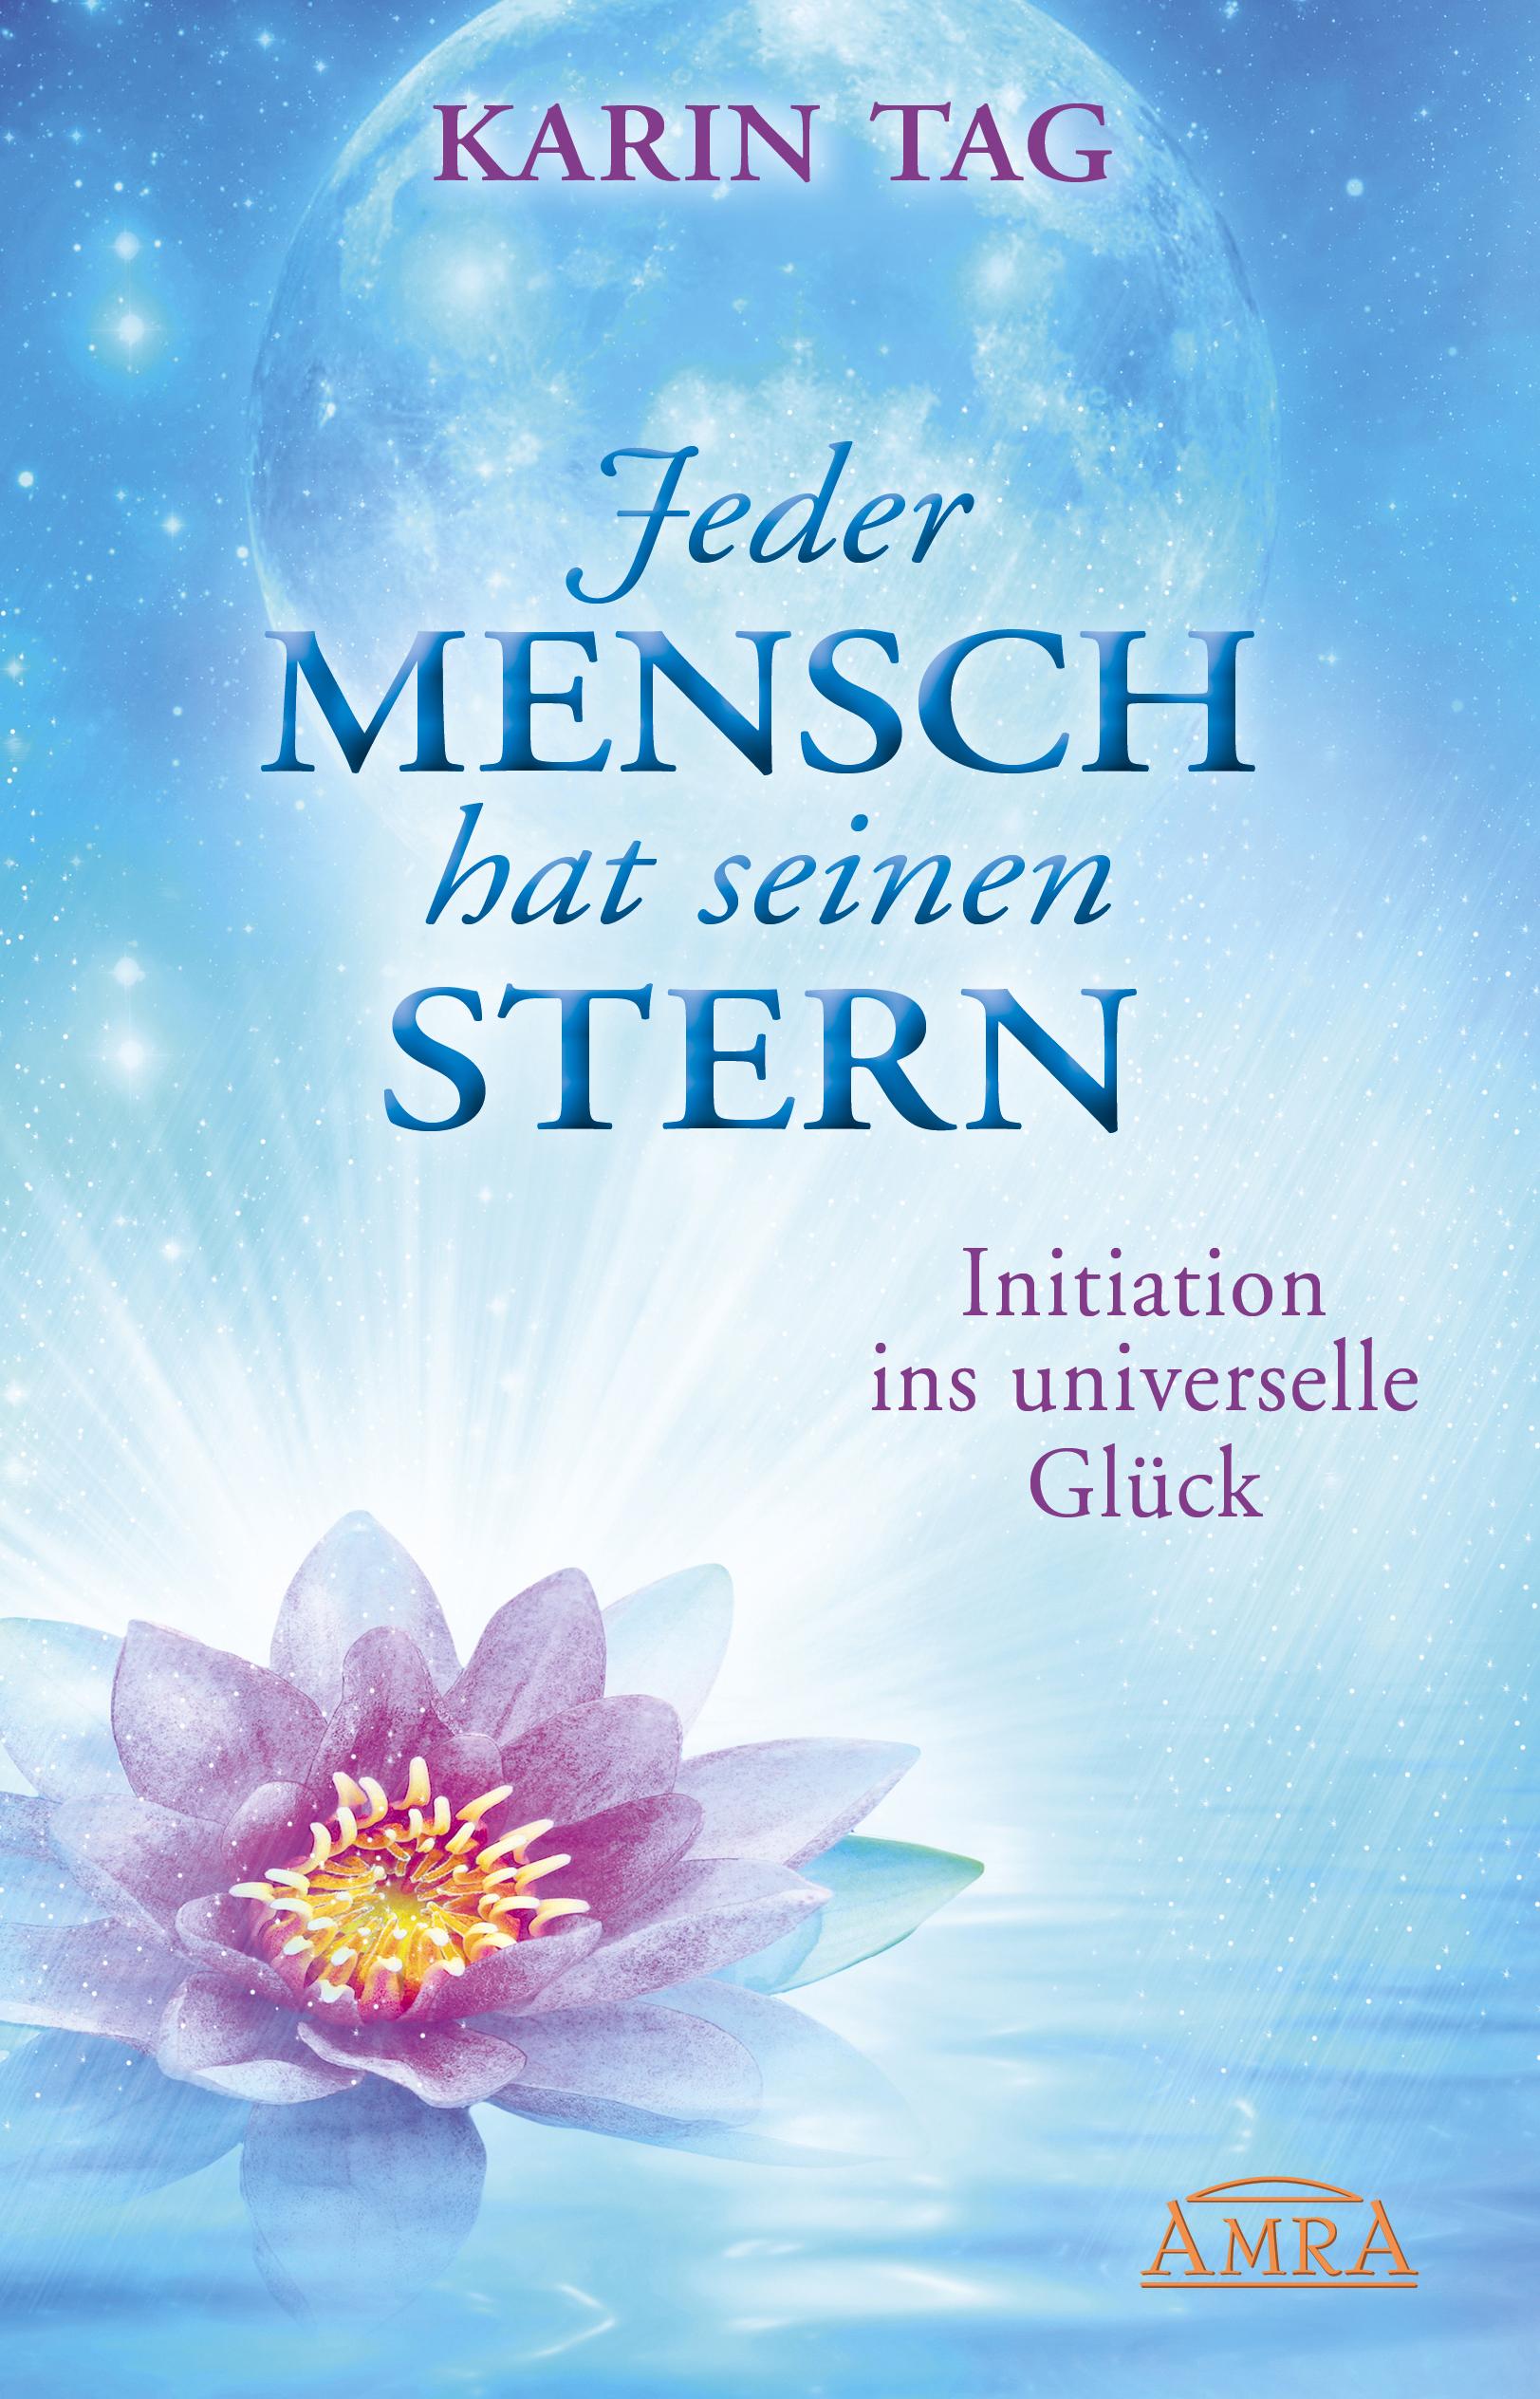 Der Stern des Glücks (German Edition)